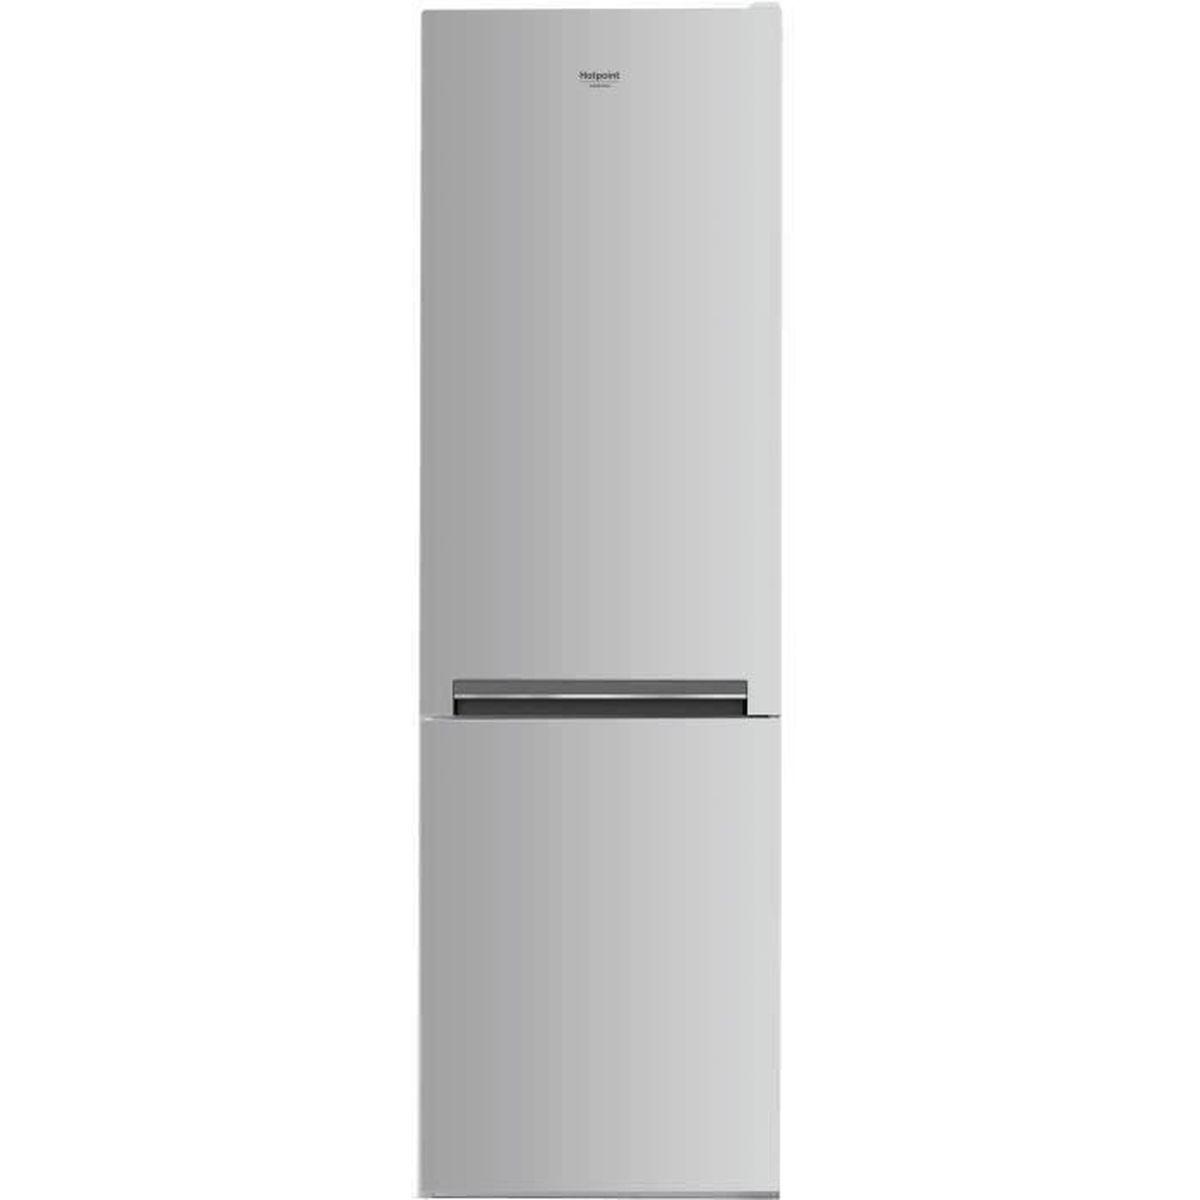 RÉFRIGÉRATEUR CLASSIQUE HOTPOINT H8A1ES - Réfrigérateur congélateur bas -